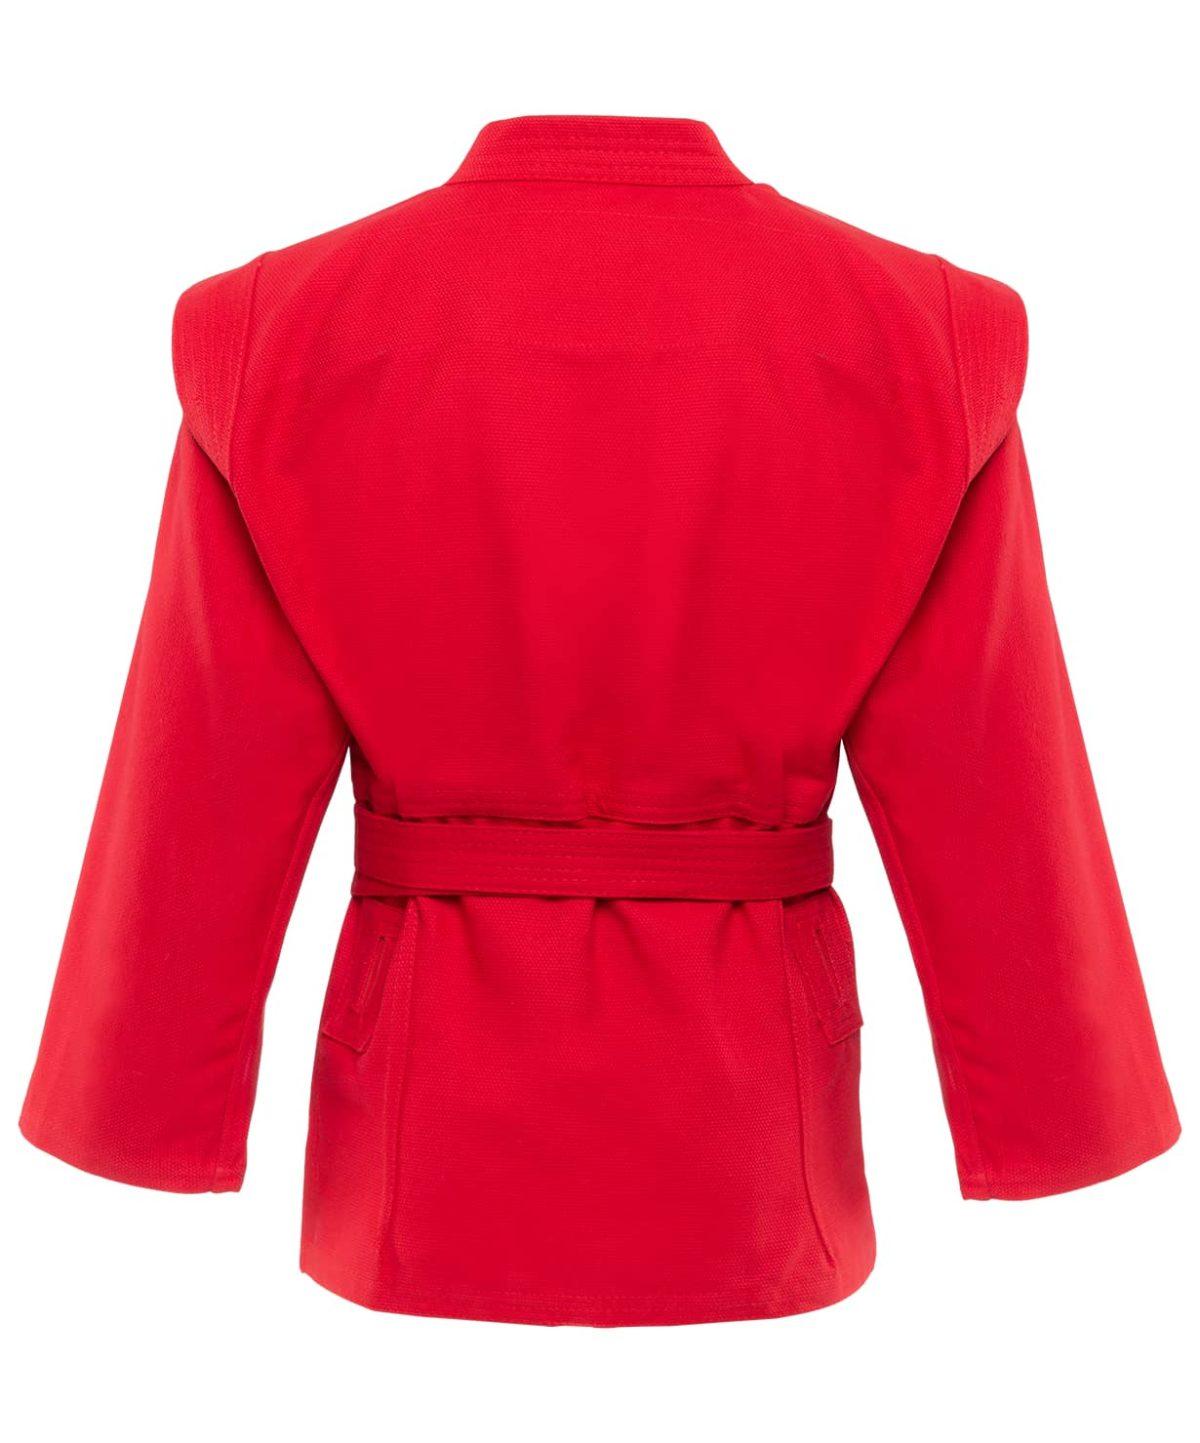 GREEN HILL Куртка для самбо 1/140  JS-302: красный - 2